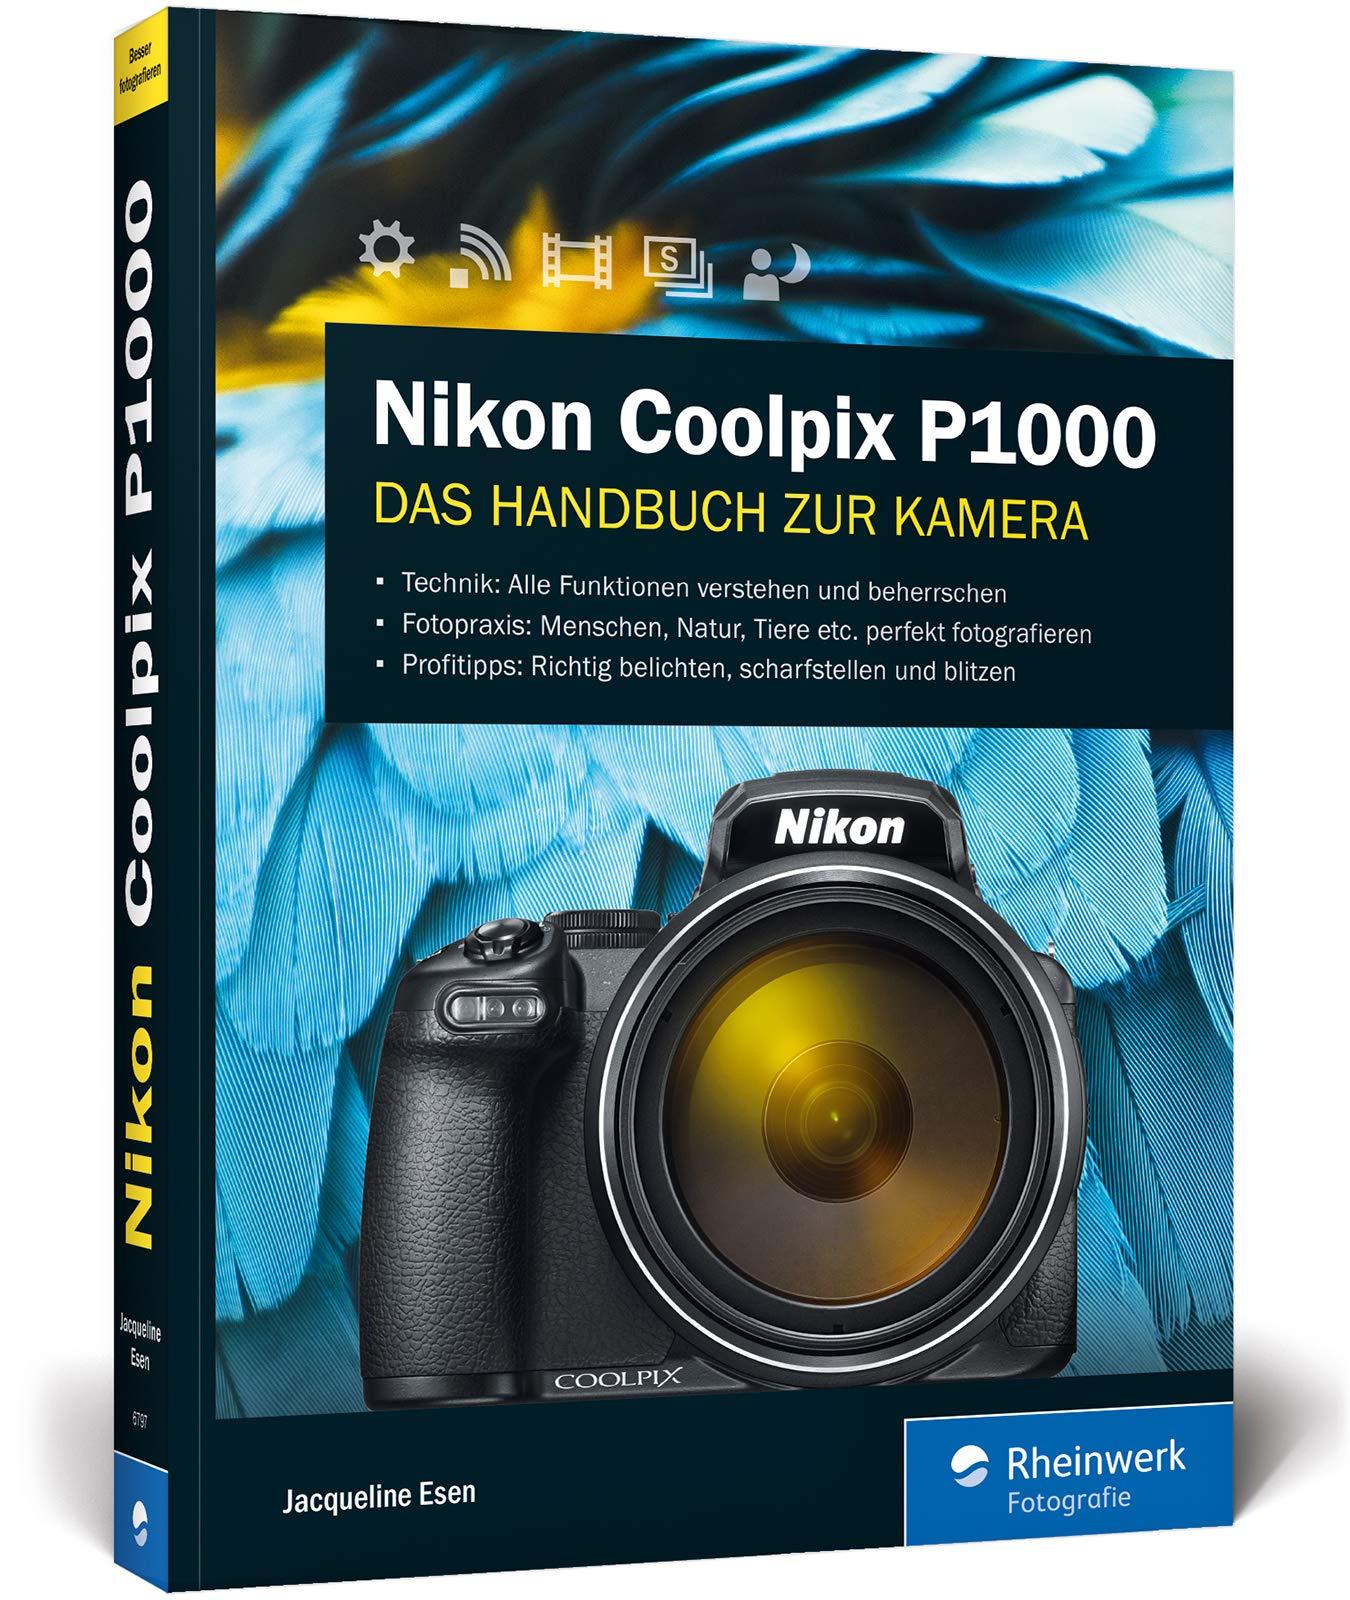 Nikon Coolpix P1000: Das Handbuch zur Kamera Broschiert – 25. Januar 2019 Jacqueline Esen Rheinwerk Fotografie 3836267977 COMPUTERS / General